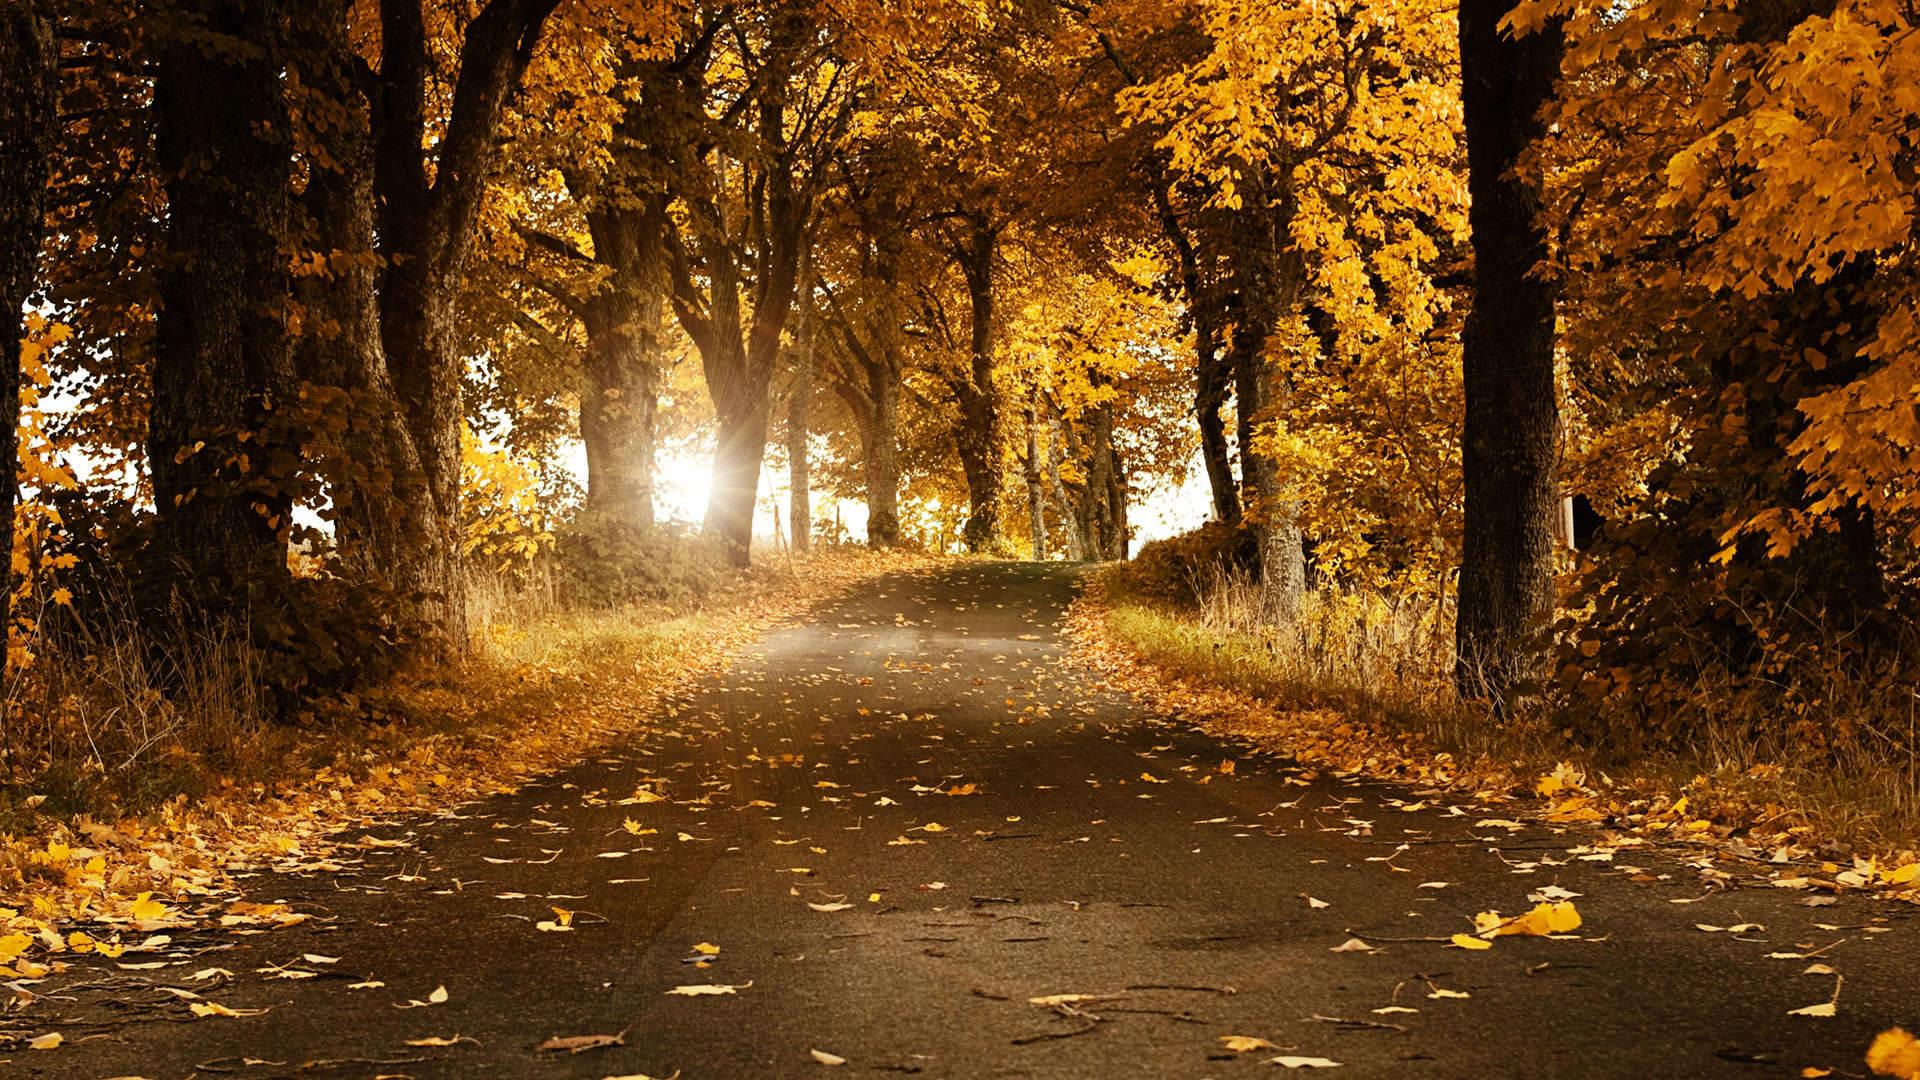 Beautiful Autumn Wallpaper 1920x1080 1920x1080